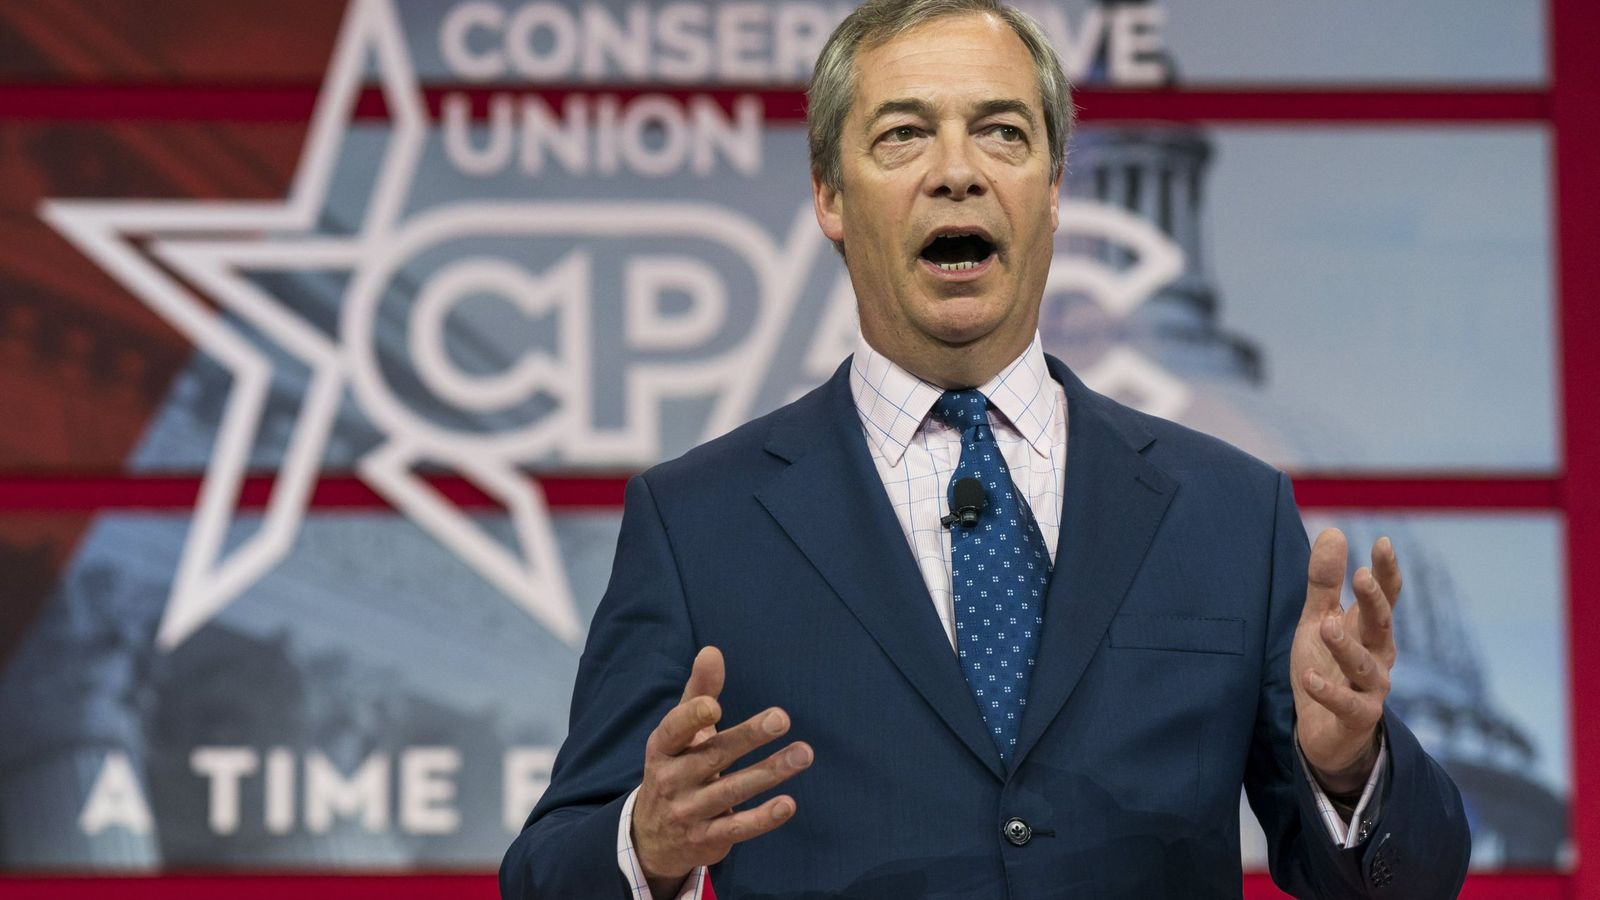 Foto: Nigel Farage durante la 'American Convervative Union' el pasado 23 de febrero. (EFE)